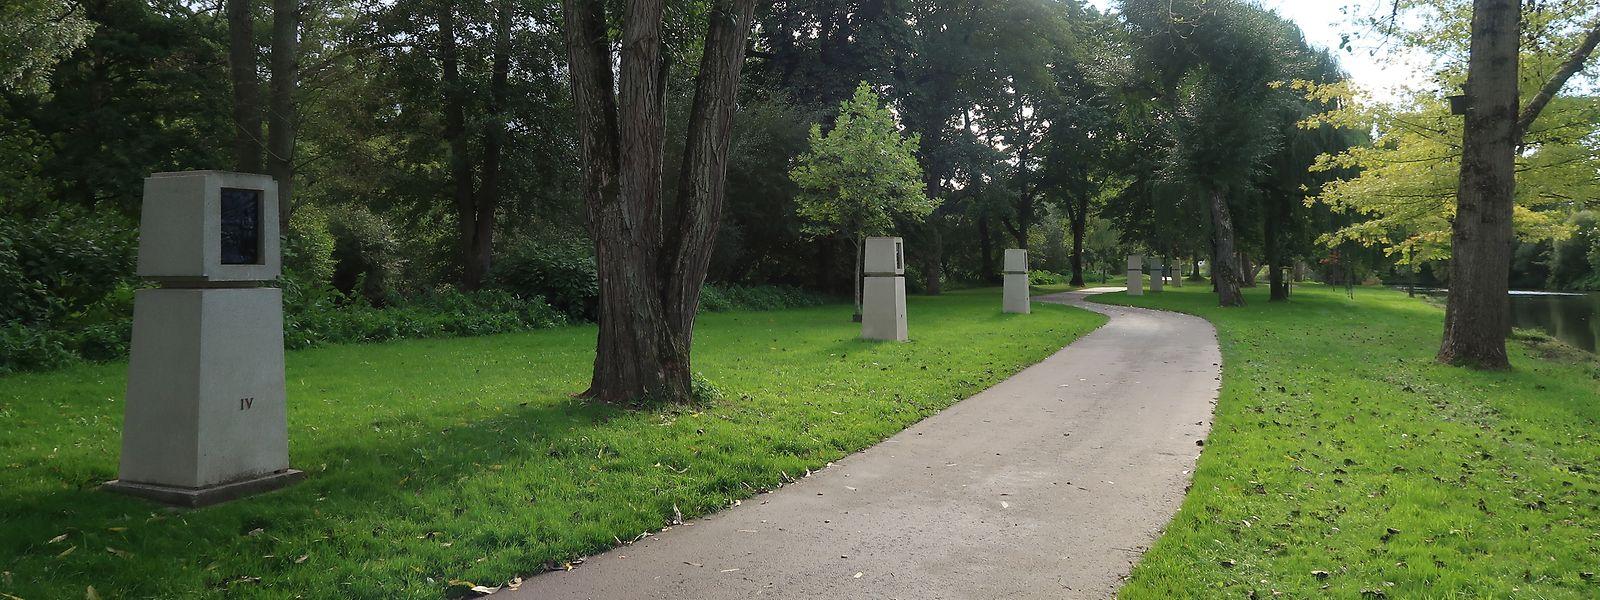 Um an das Schicksal der luxemburgischen Zwangsrekrutierten zu erinnern, wurde 1981 in Diekirch ein Kreuzweg entlang der Sauer angelegt.